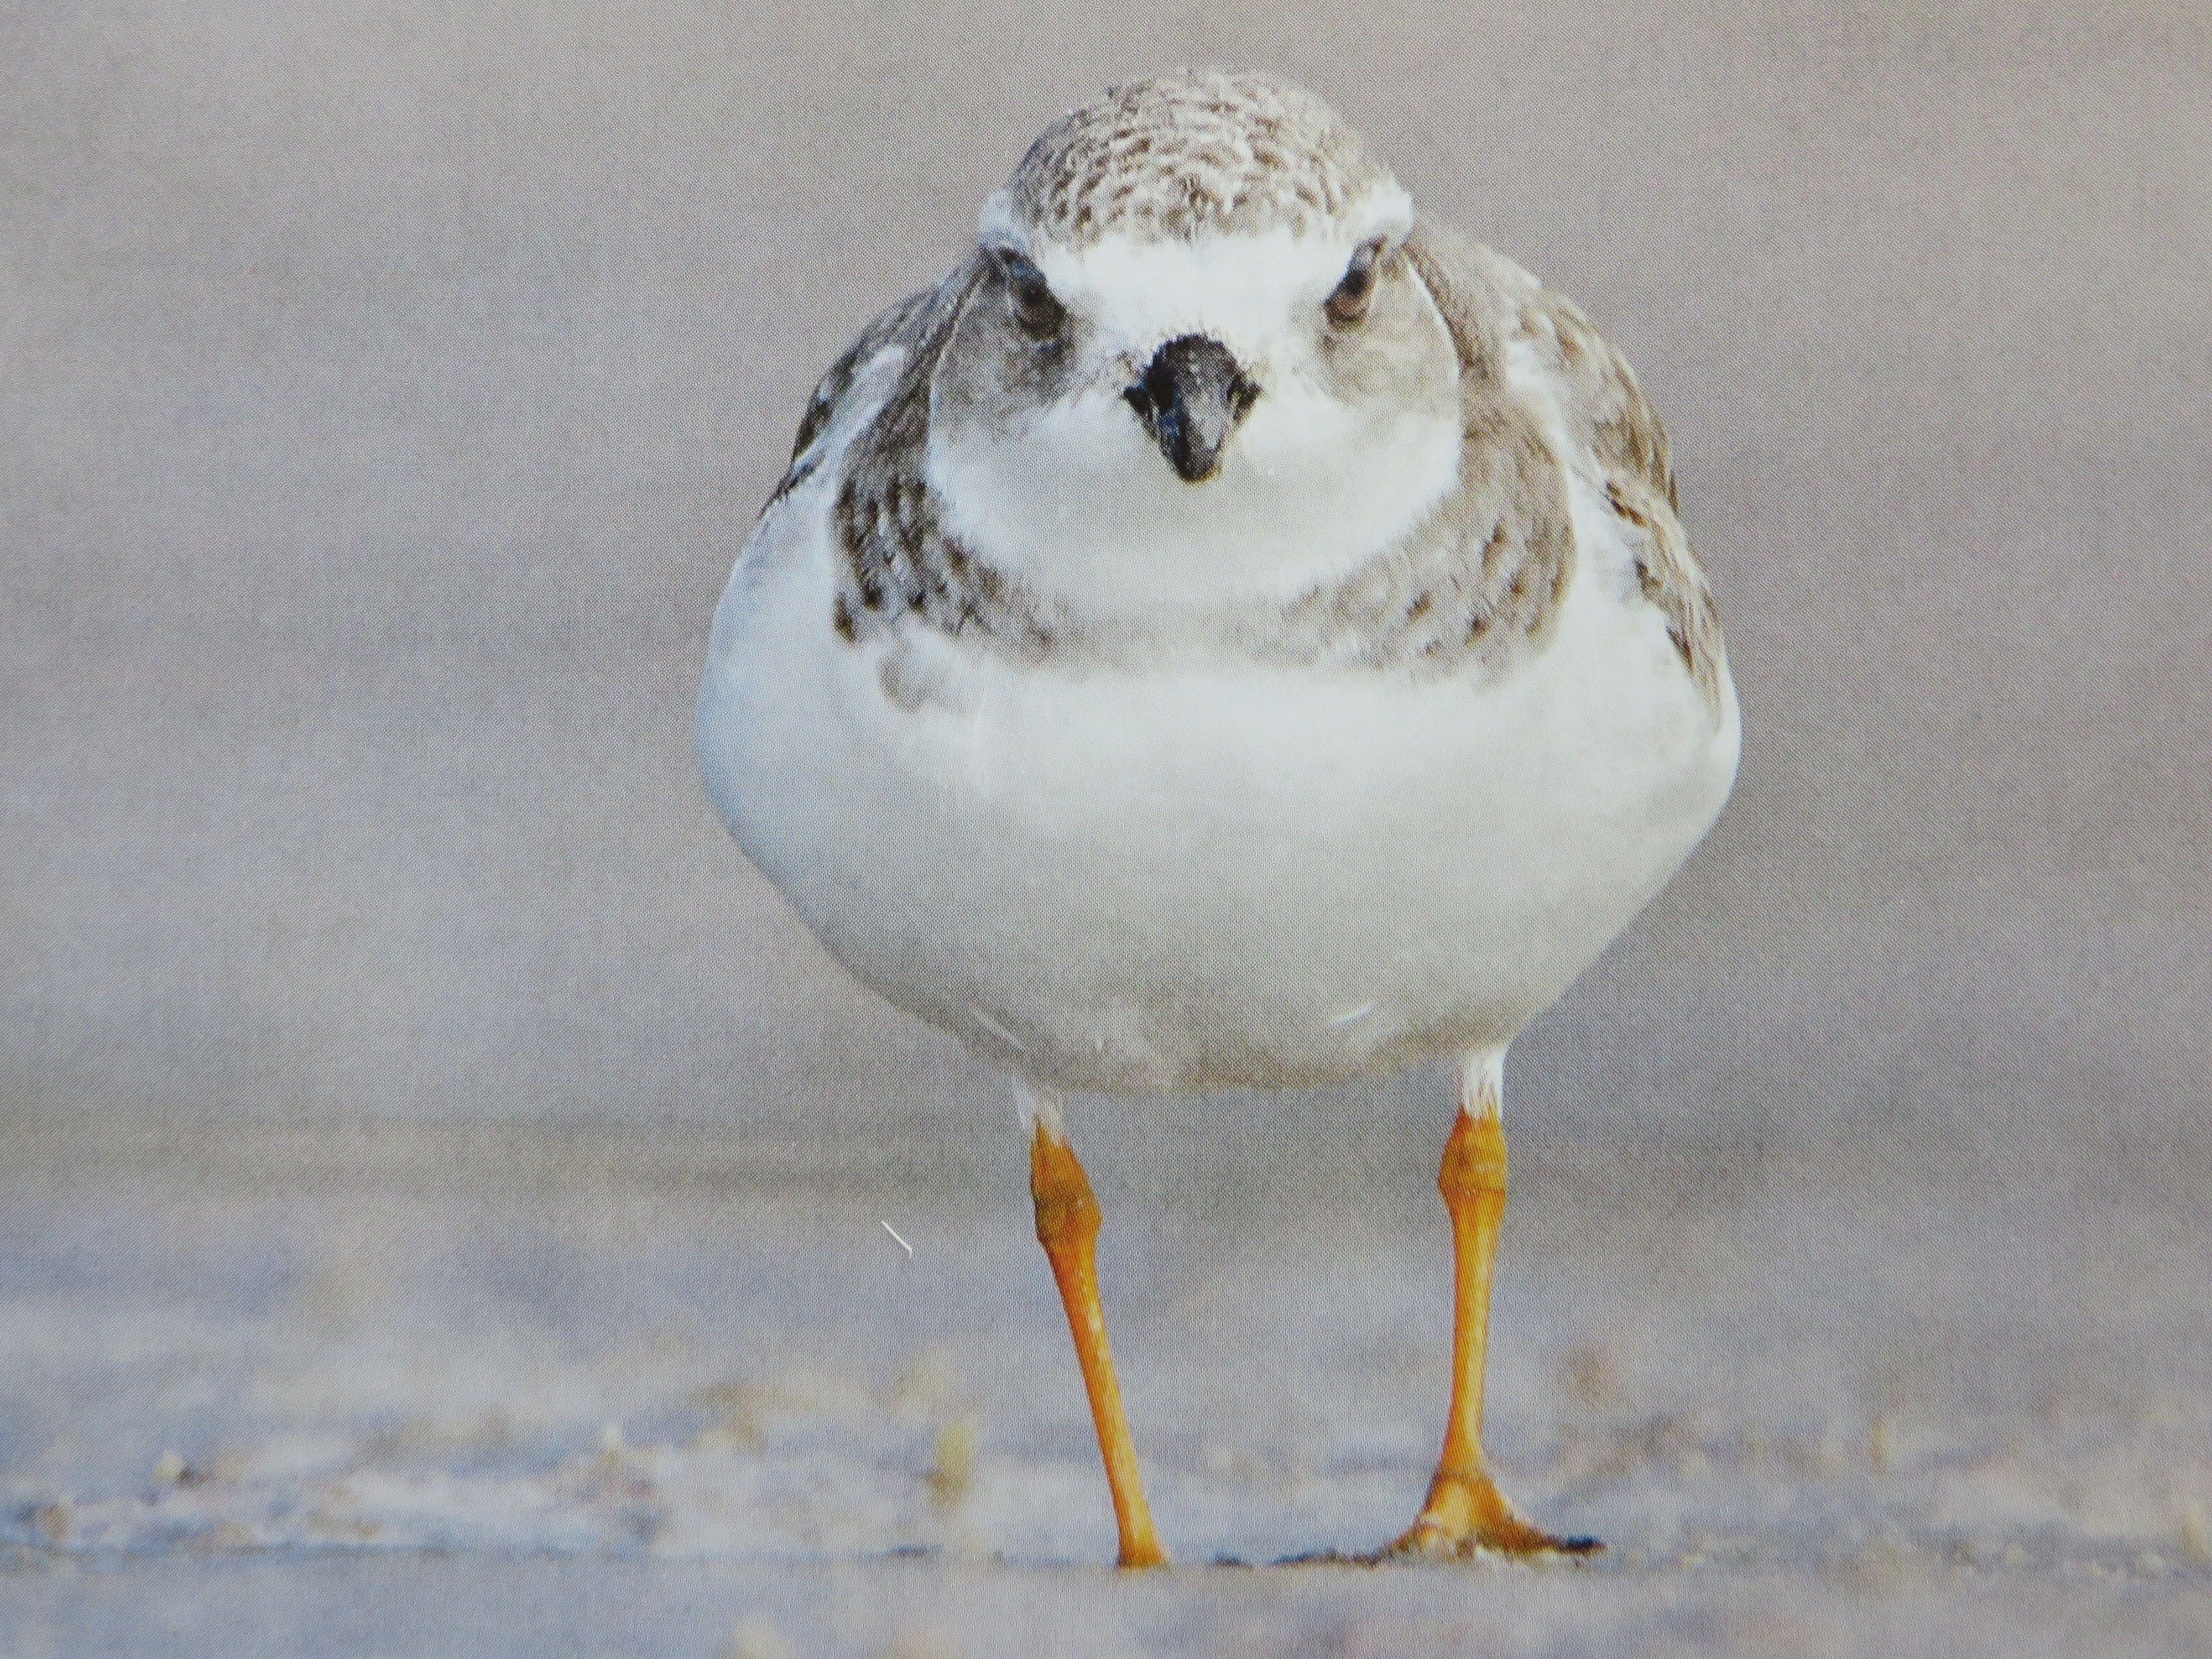 Piping Plover Bird species, Plover, Nueces county